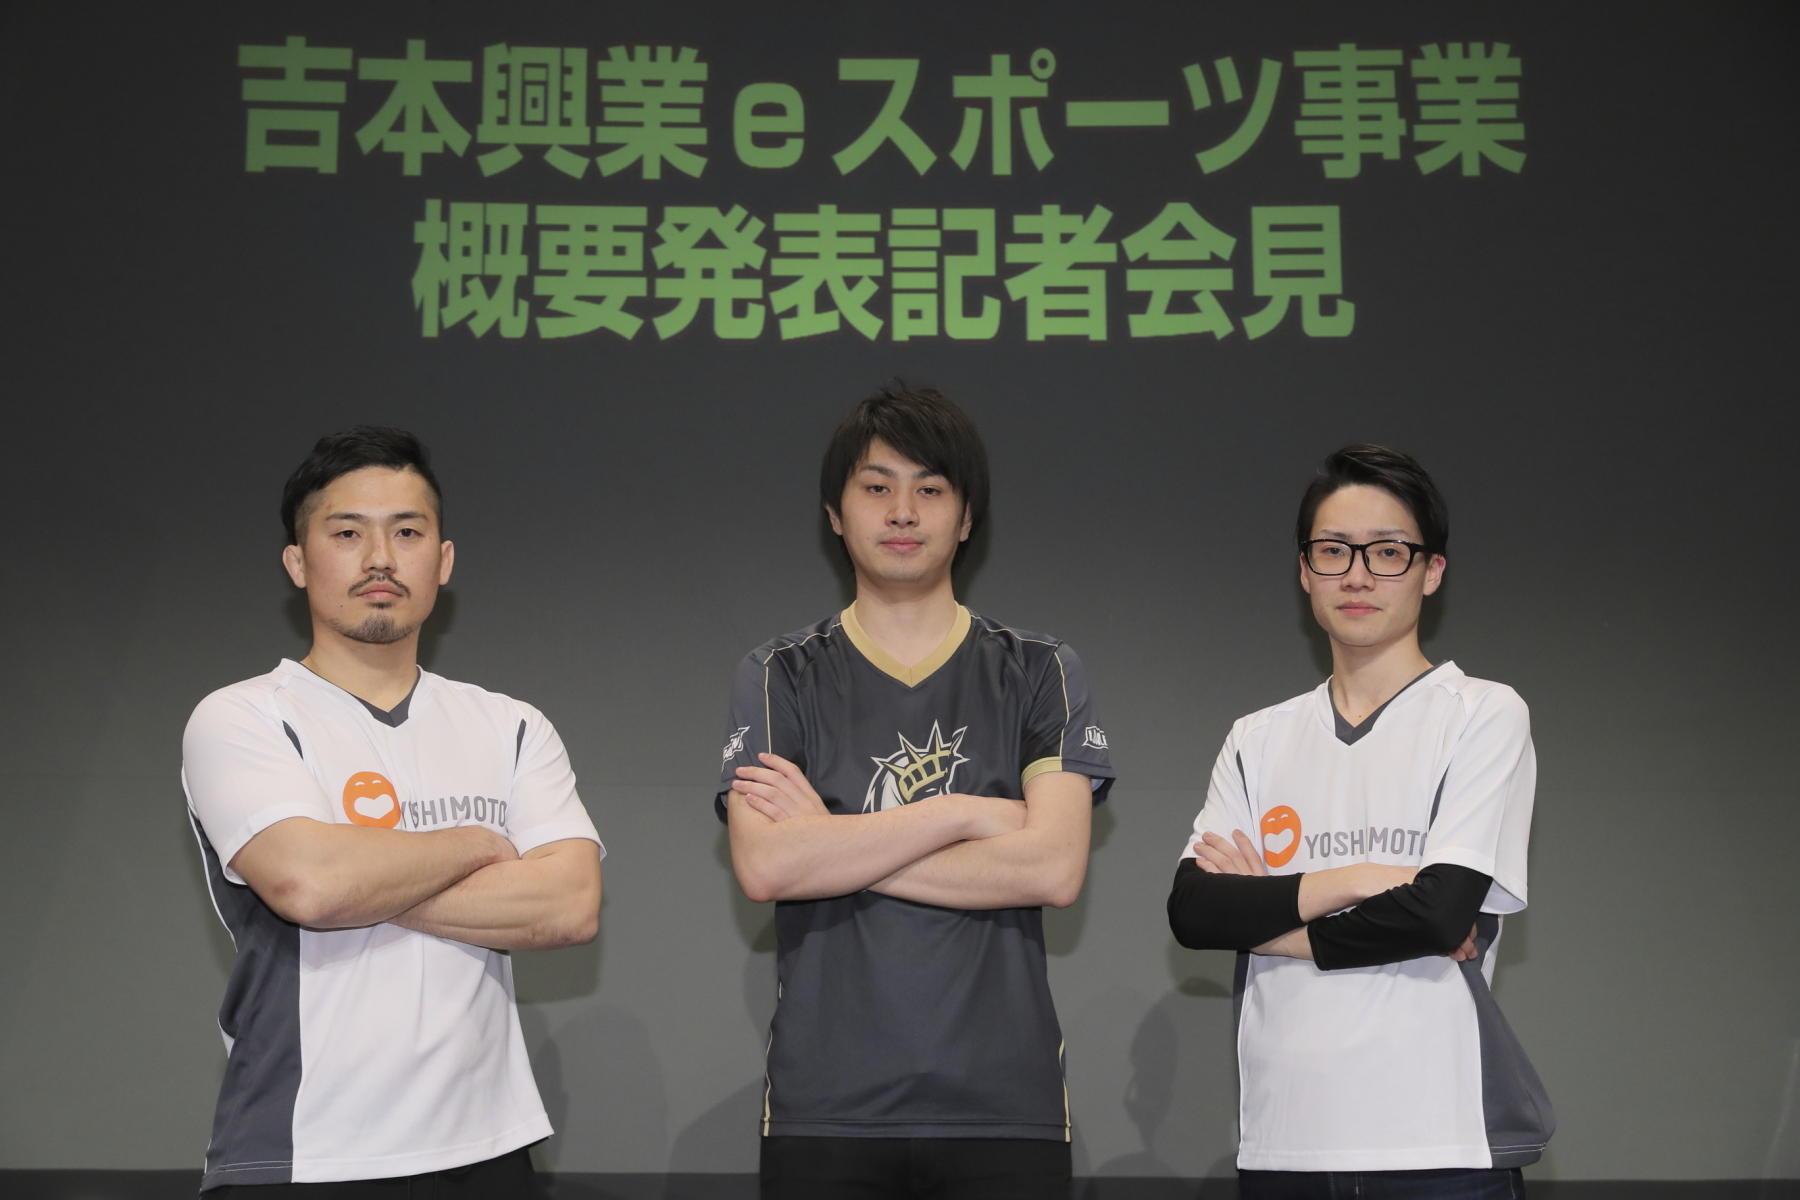 http://news.yoshimoto.co.jp/20180307170037-0fff52b3fa99e3341e08e3a23e666f7f59657d89.jpg